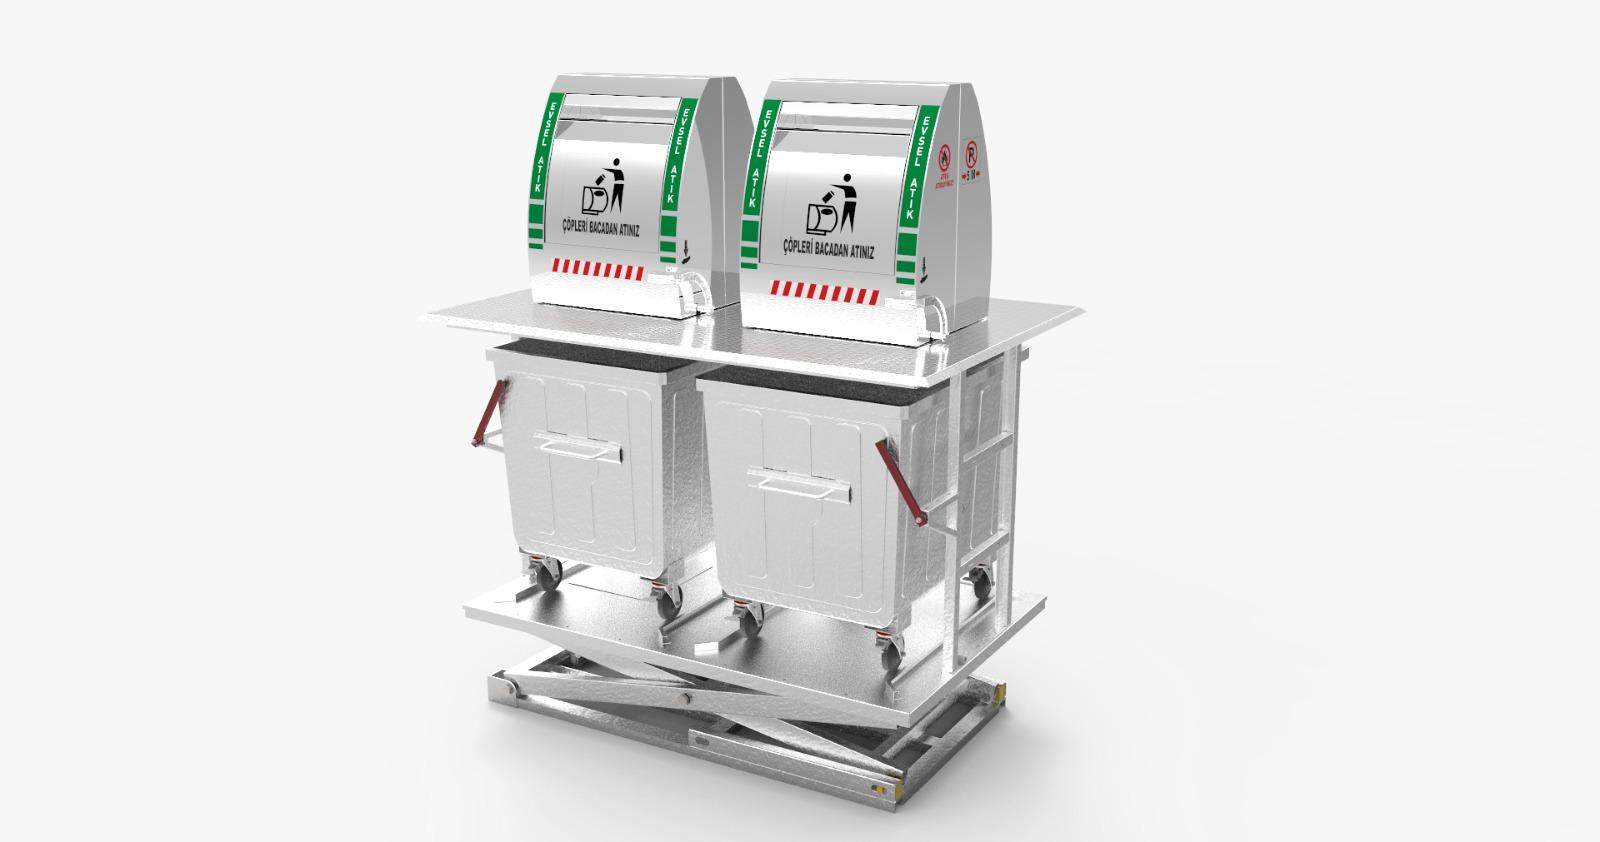 2200 Litre Konik Bacalı Jaklı Yeraltı Çöp Konteyner Sistemi